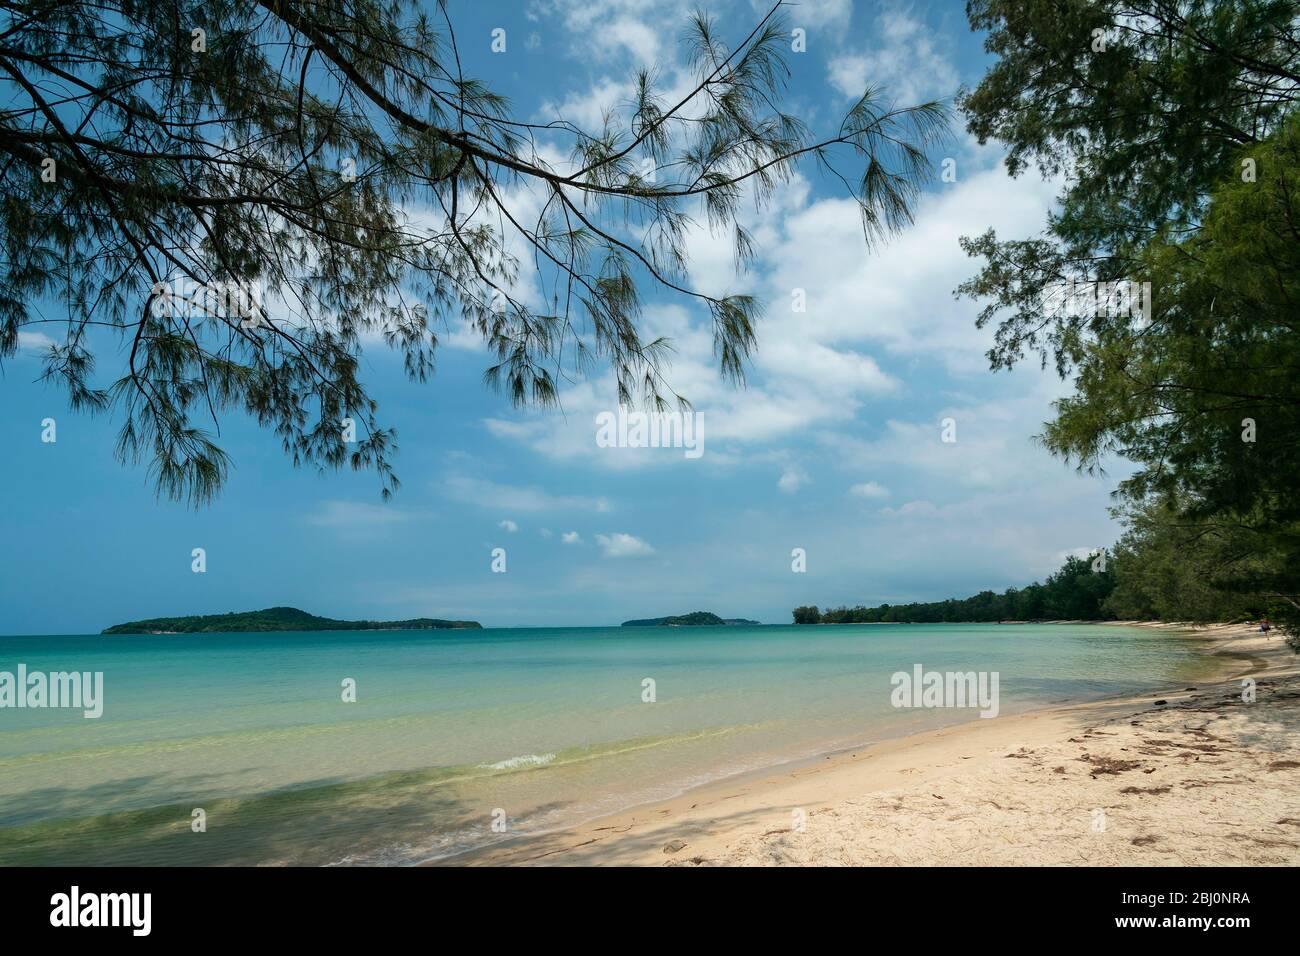 Long Beach on Koh Ta Kiev paradise island near Sihanoukville Cambodia Stock Photo